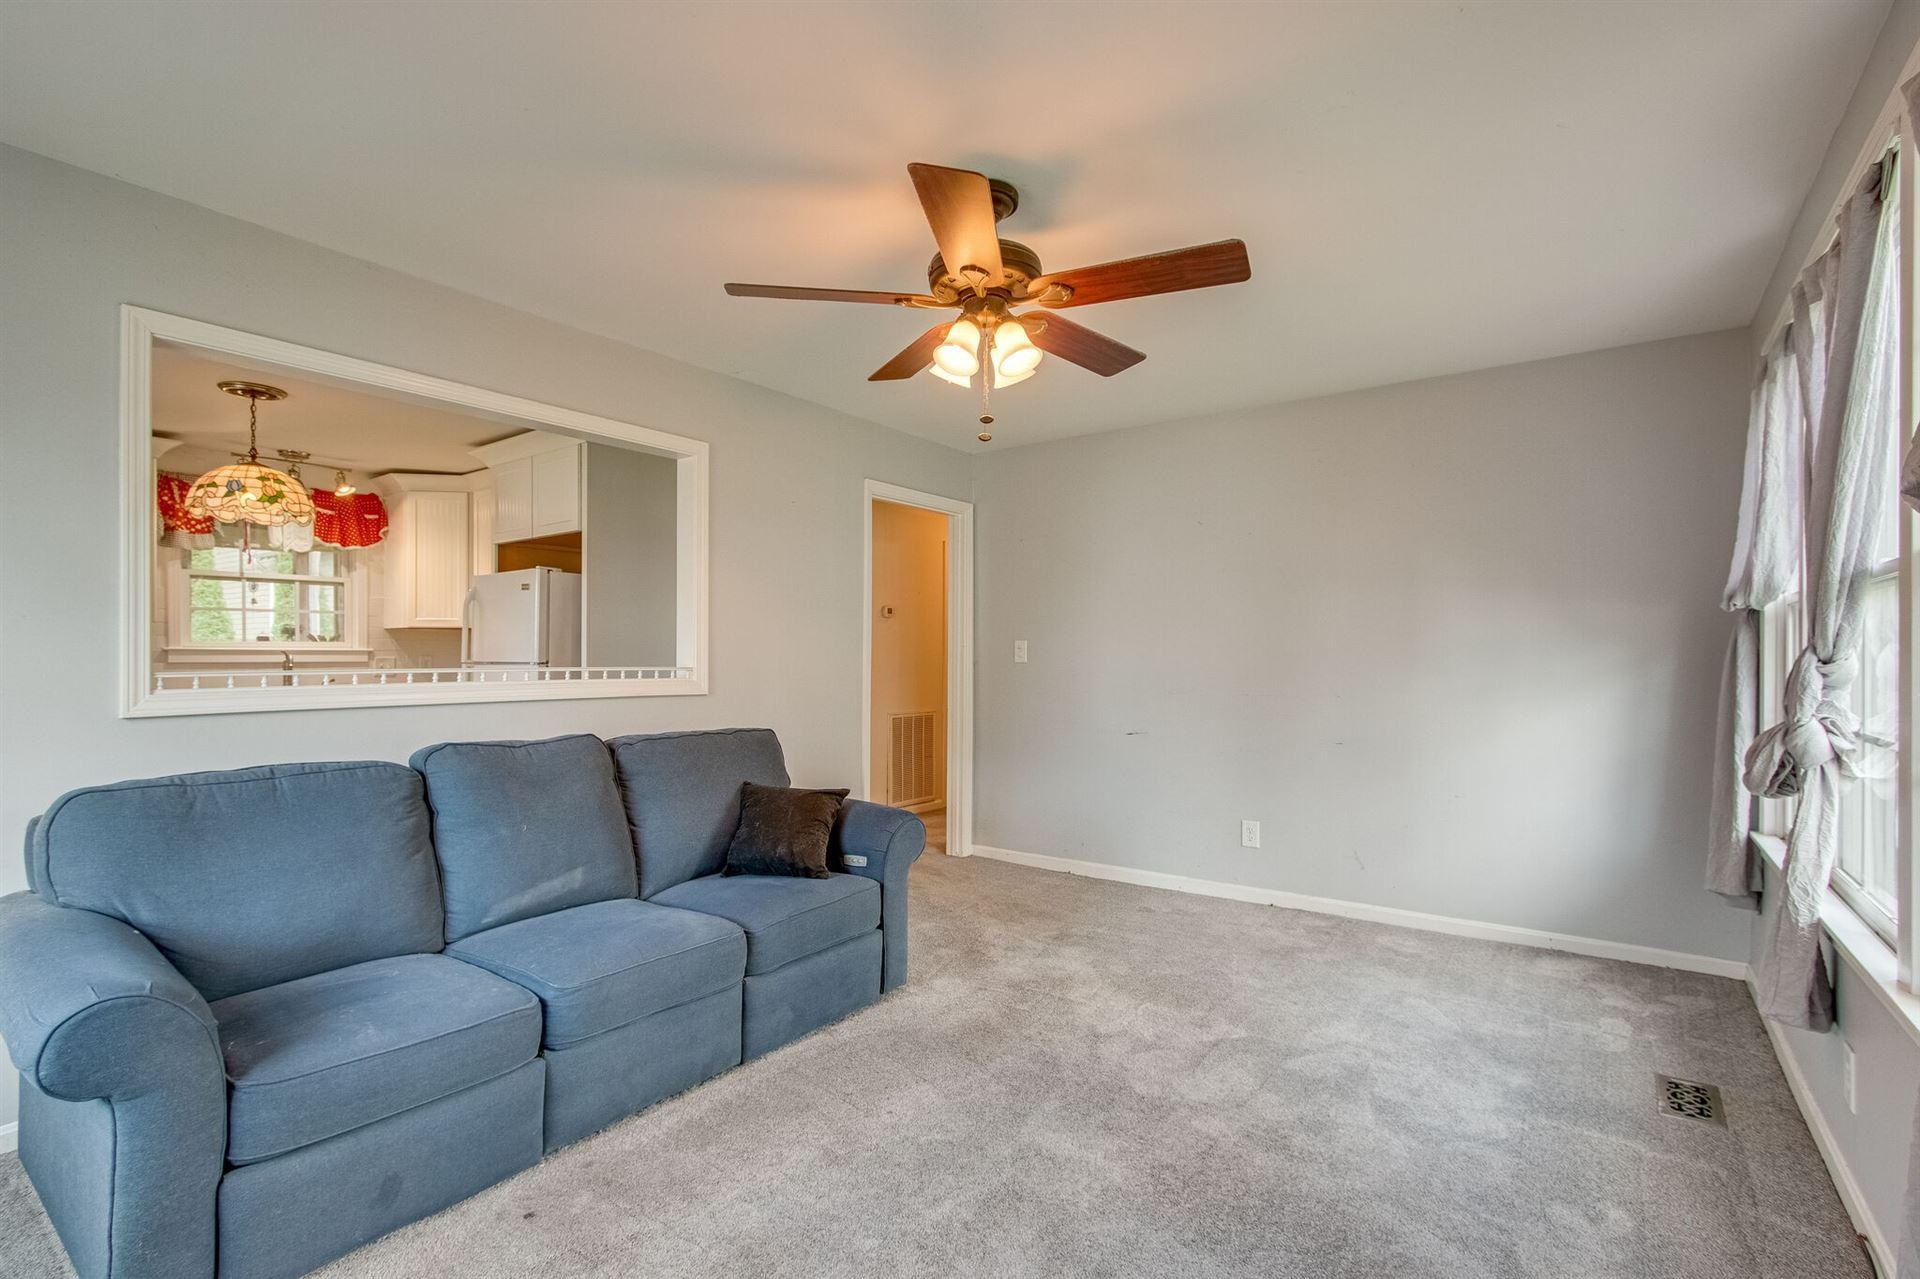 Photo of 419 Roberts St, Franklin, TN 37064 (MLS # 2283433)